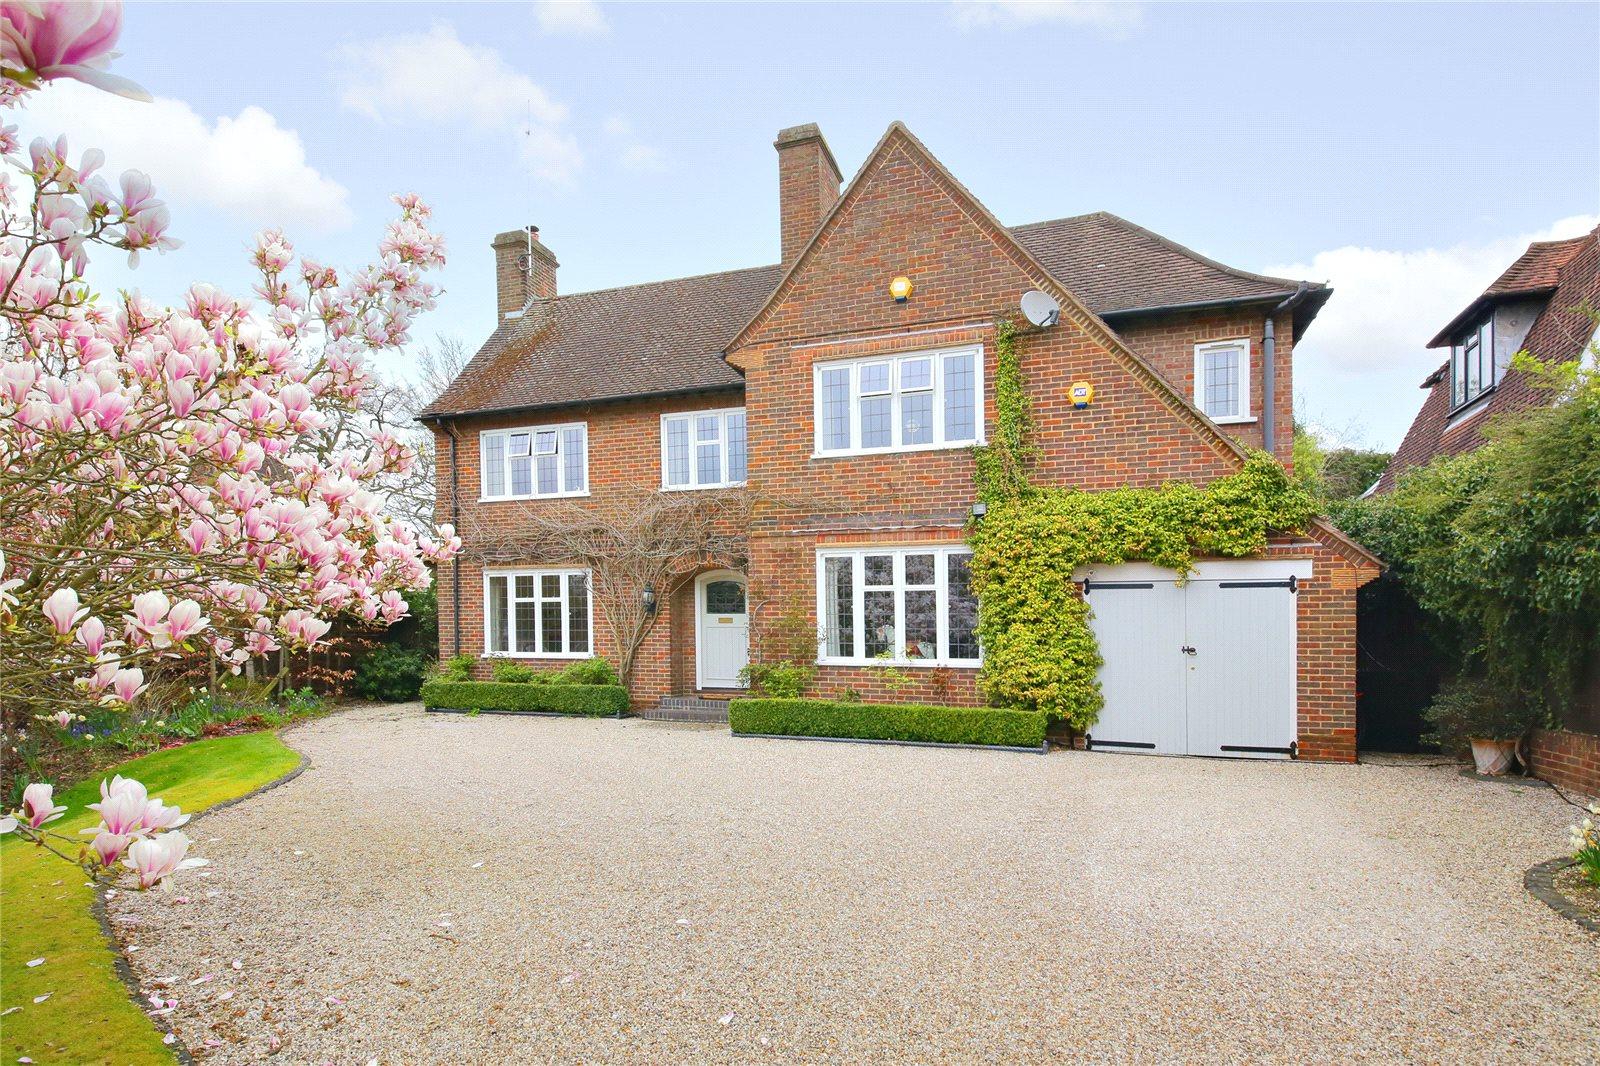 独户住宅 为 销售 在 Canons Close, Radlett, Hertfordshire, WD7 Radlett, 英格兰